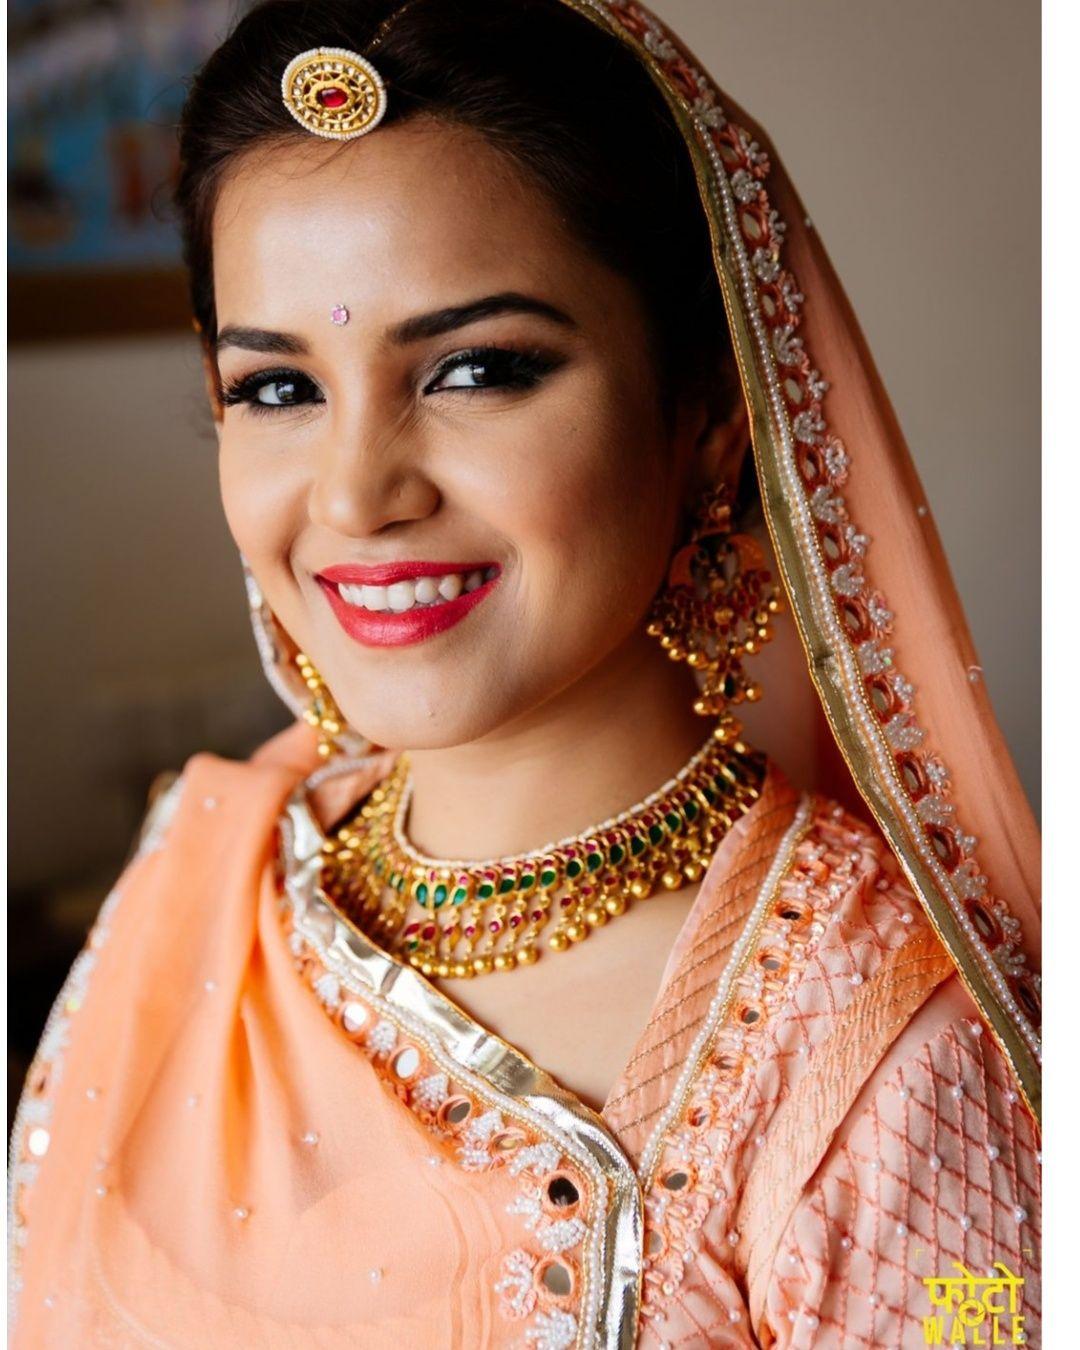 Sakshi Malik Studio Indian wedding makeup, Bride